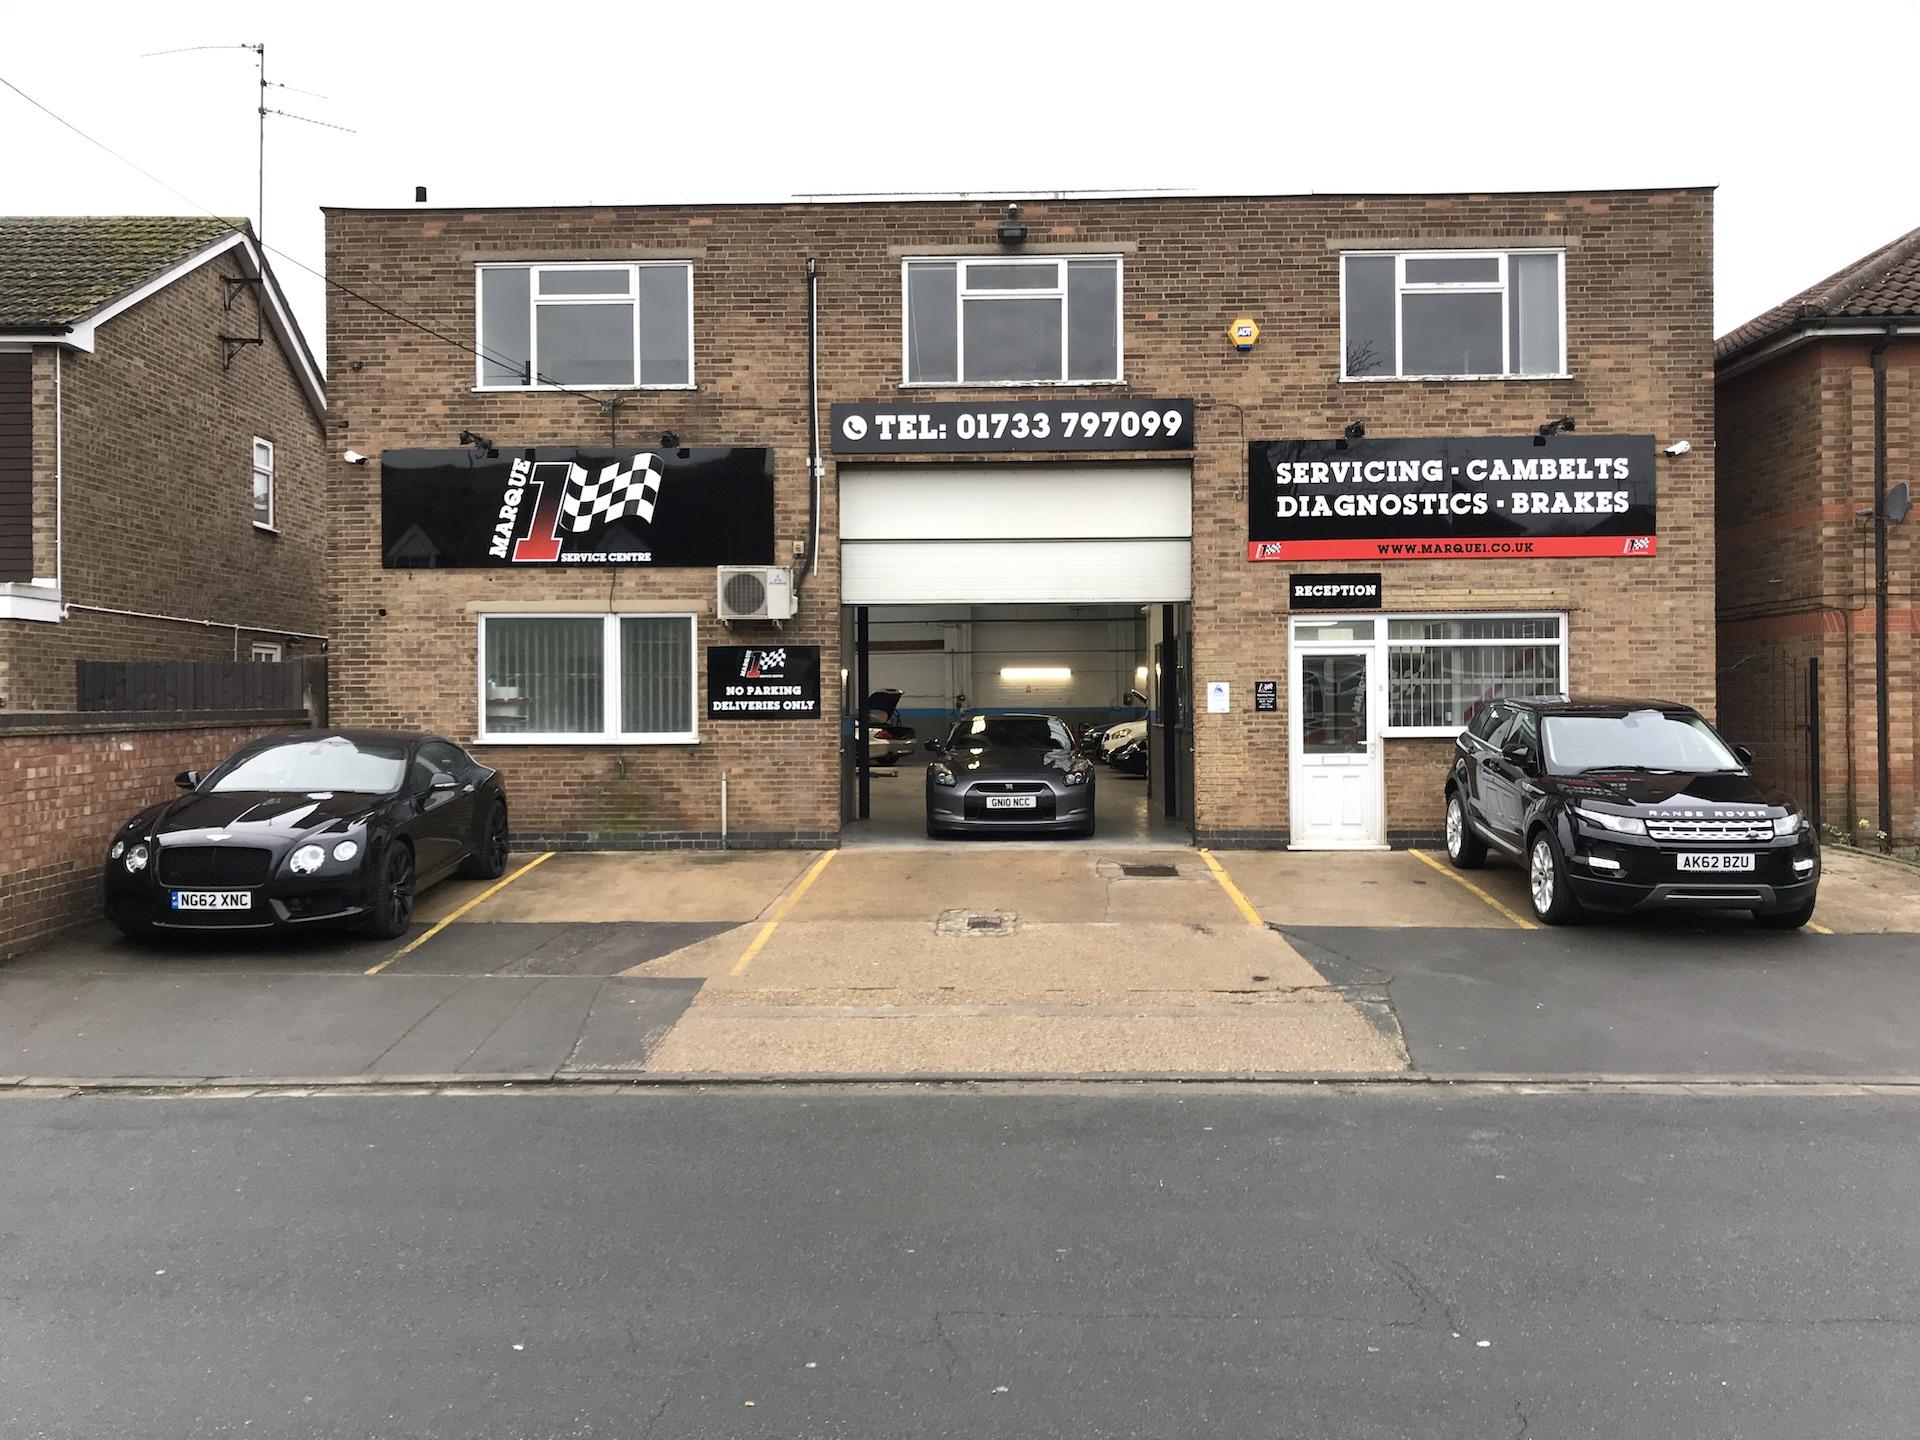 Marque 1 Service Centre Ltd